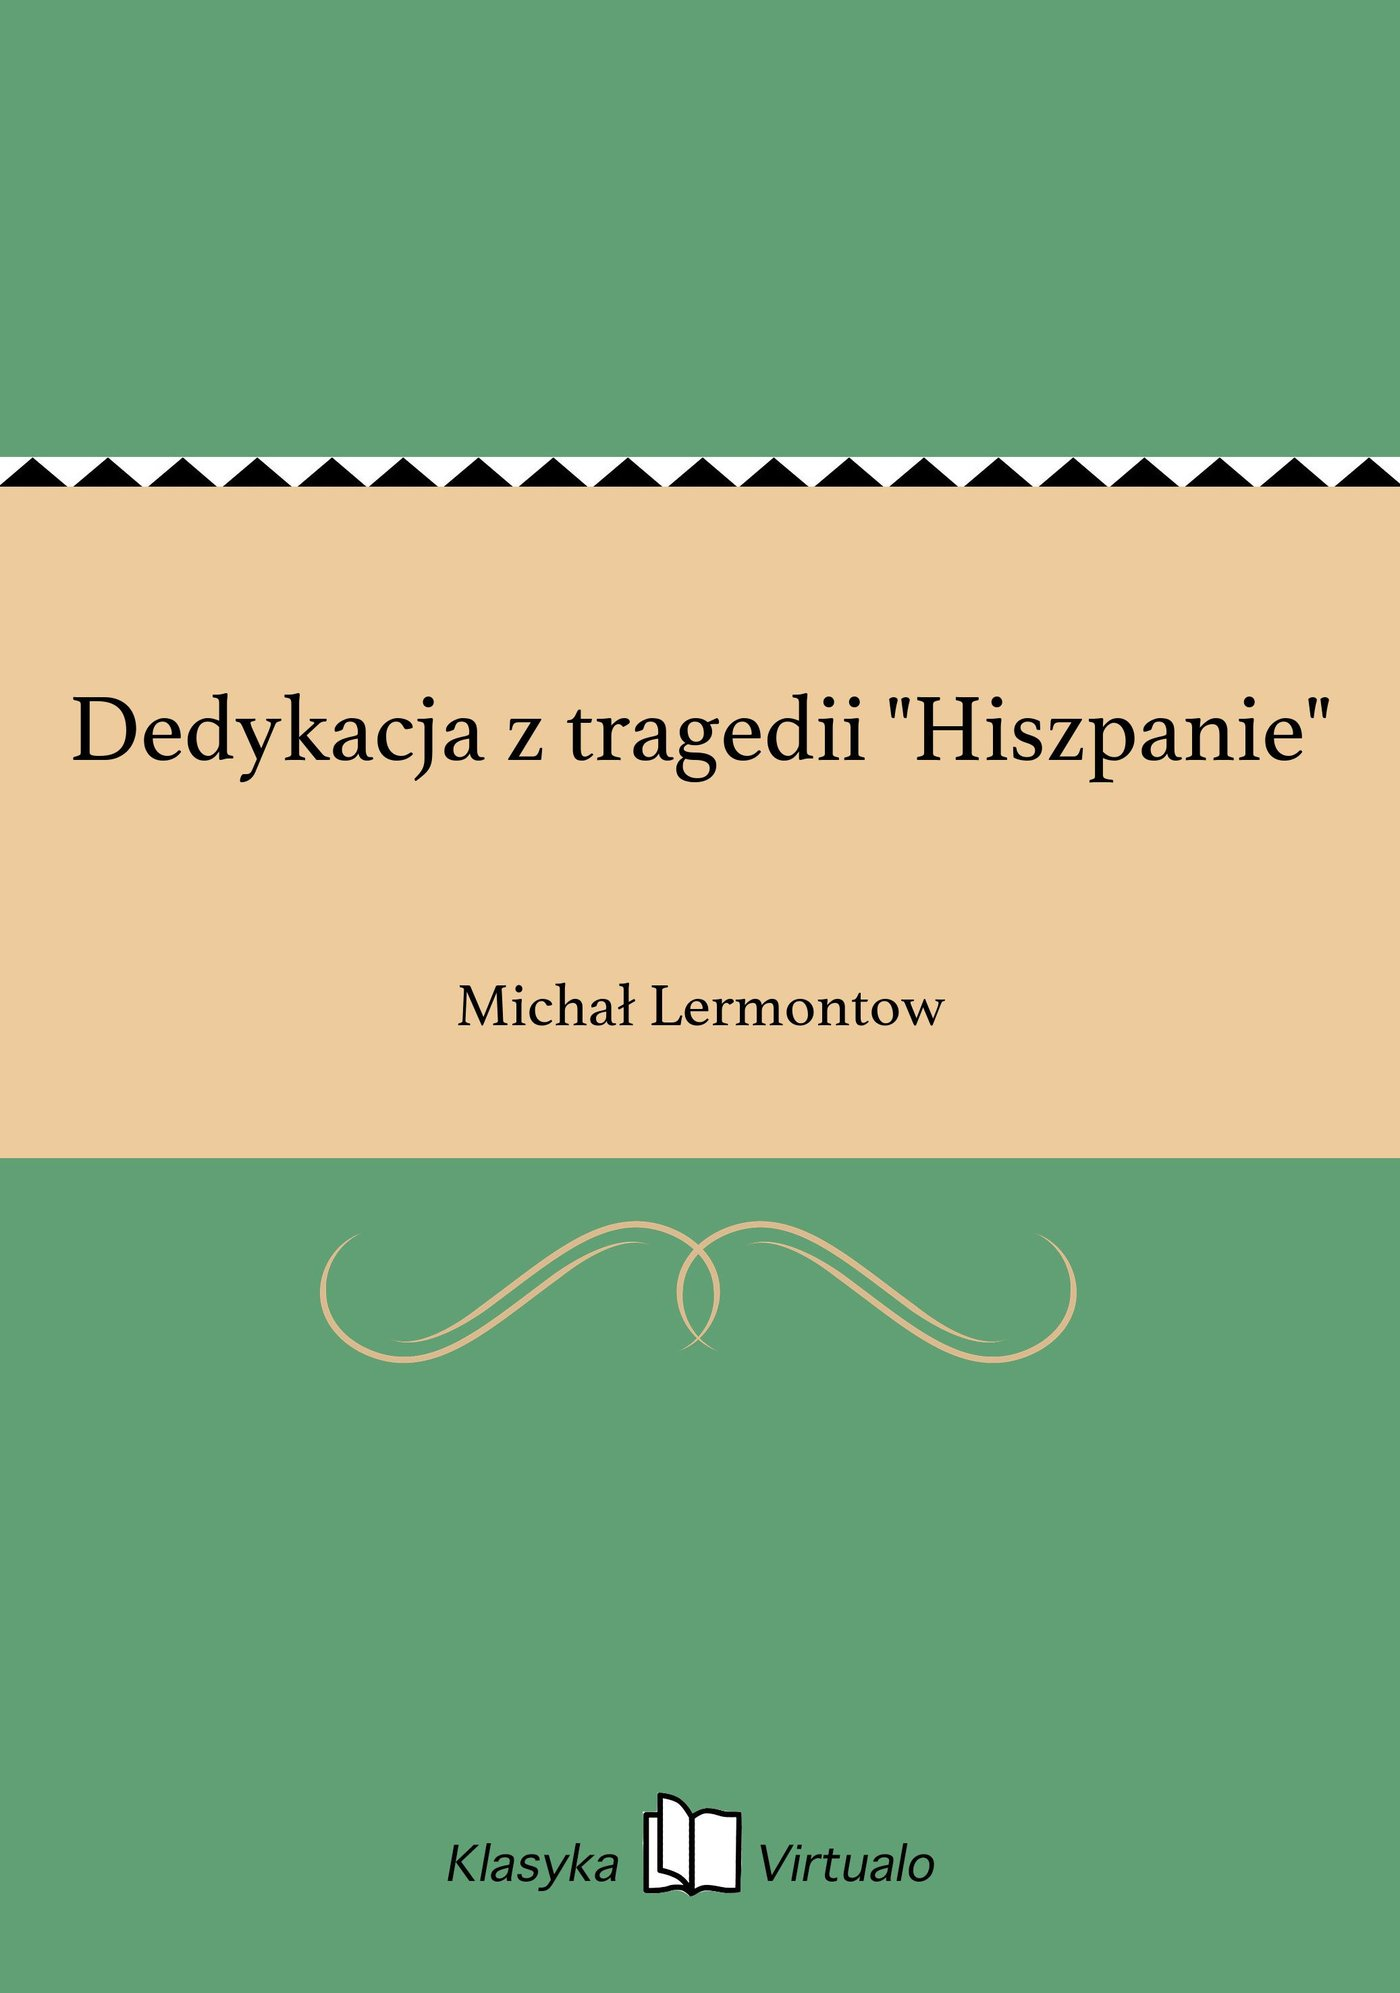 """Dedykacja z tragedii """"Hiszpanie"""" - Ebook (Książka na Kindle) do pobrania w formacie MOBI"""